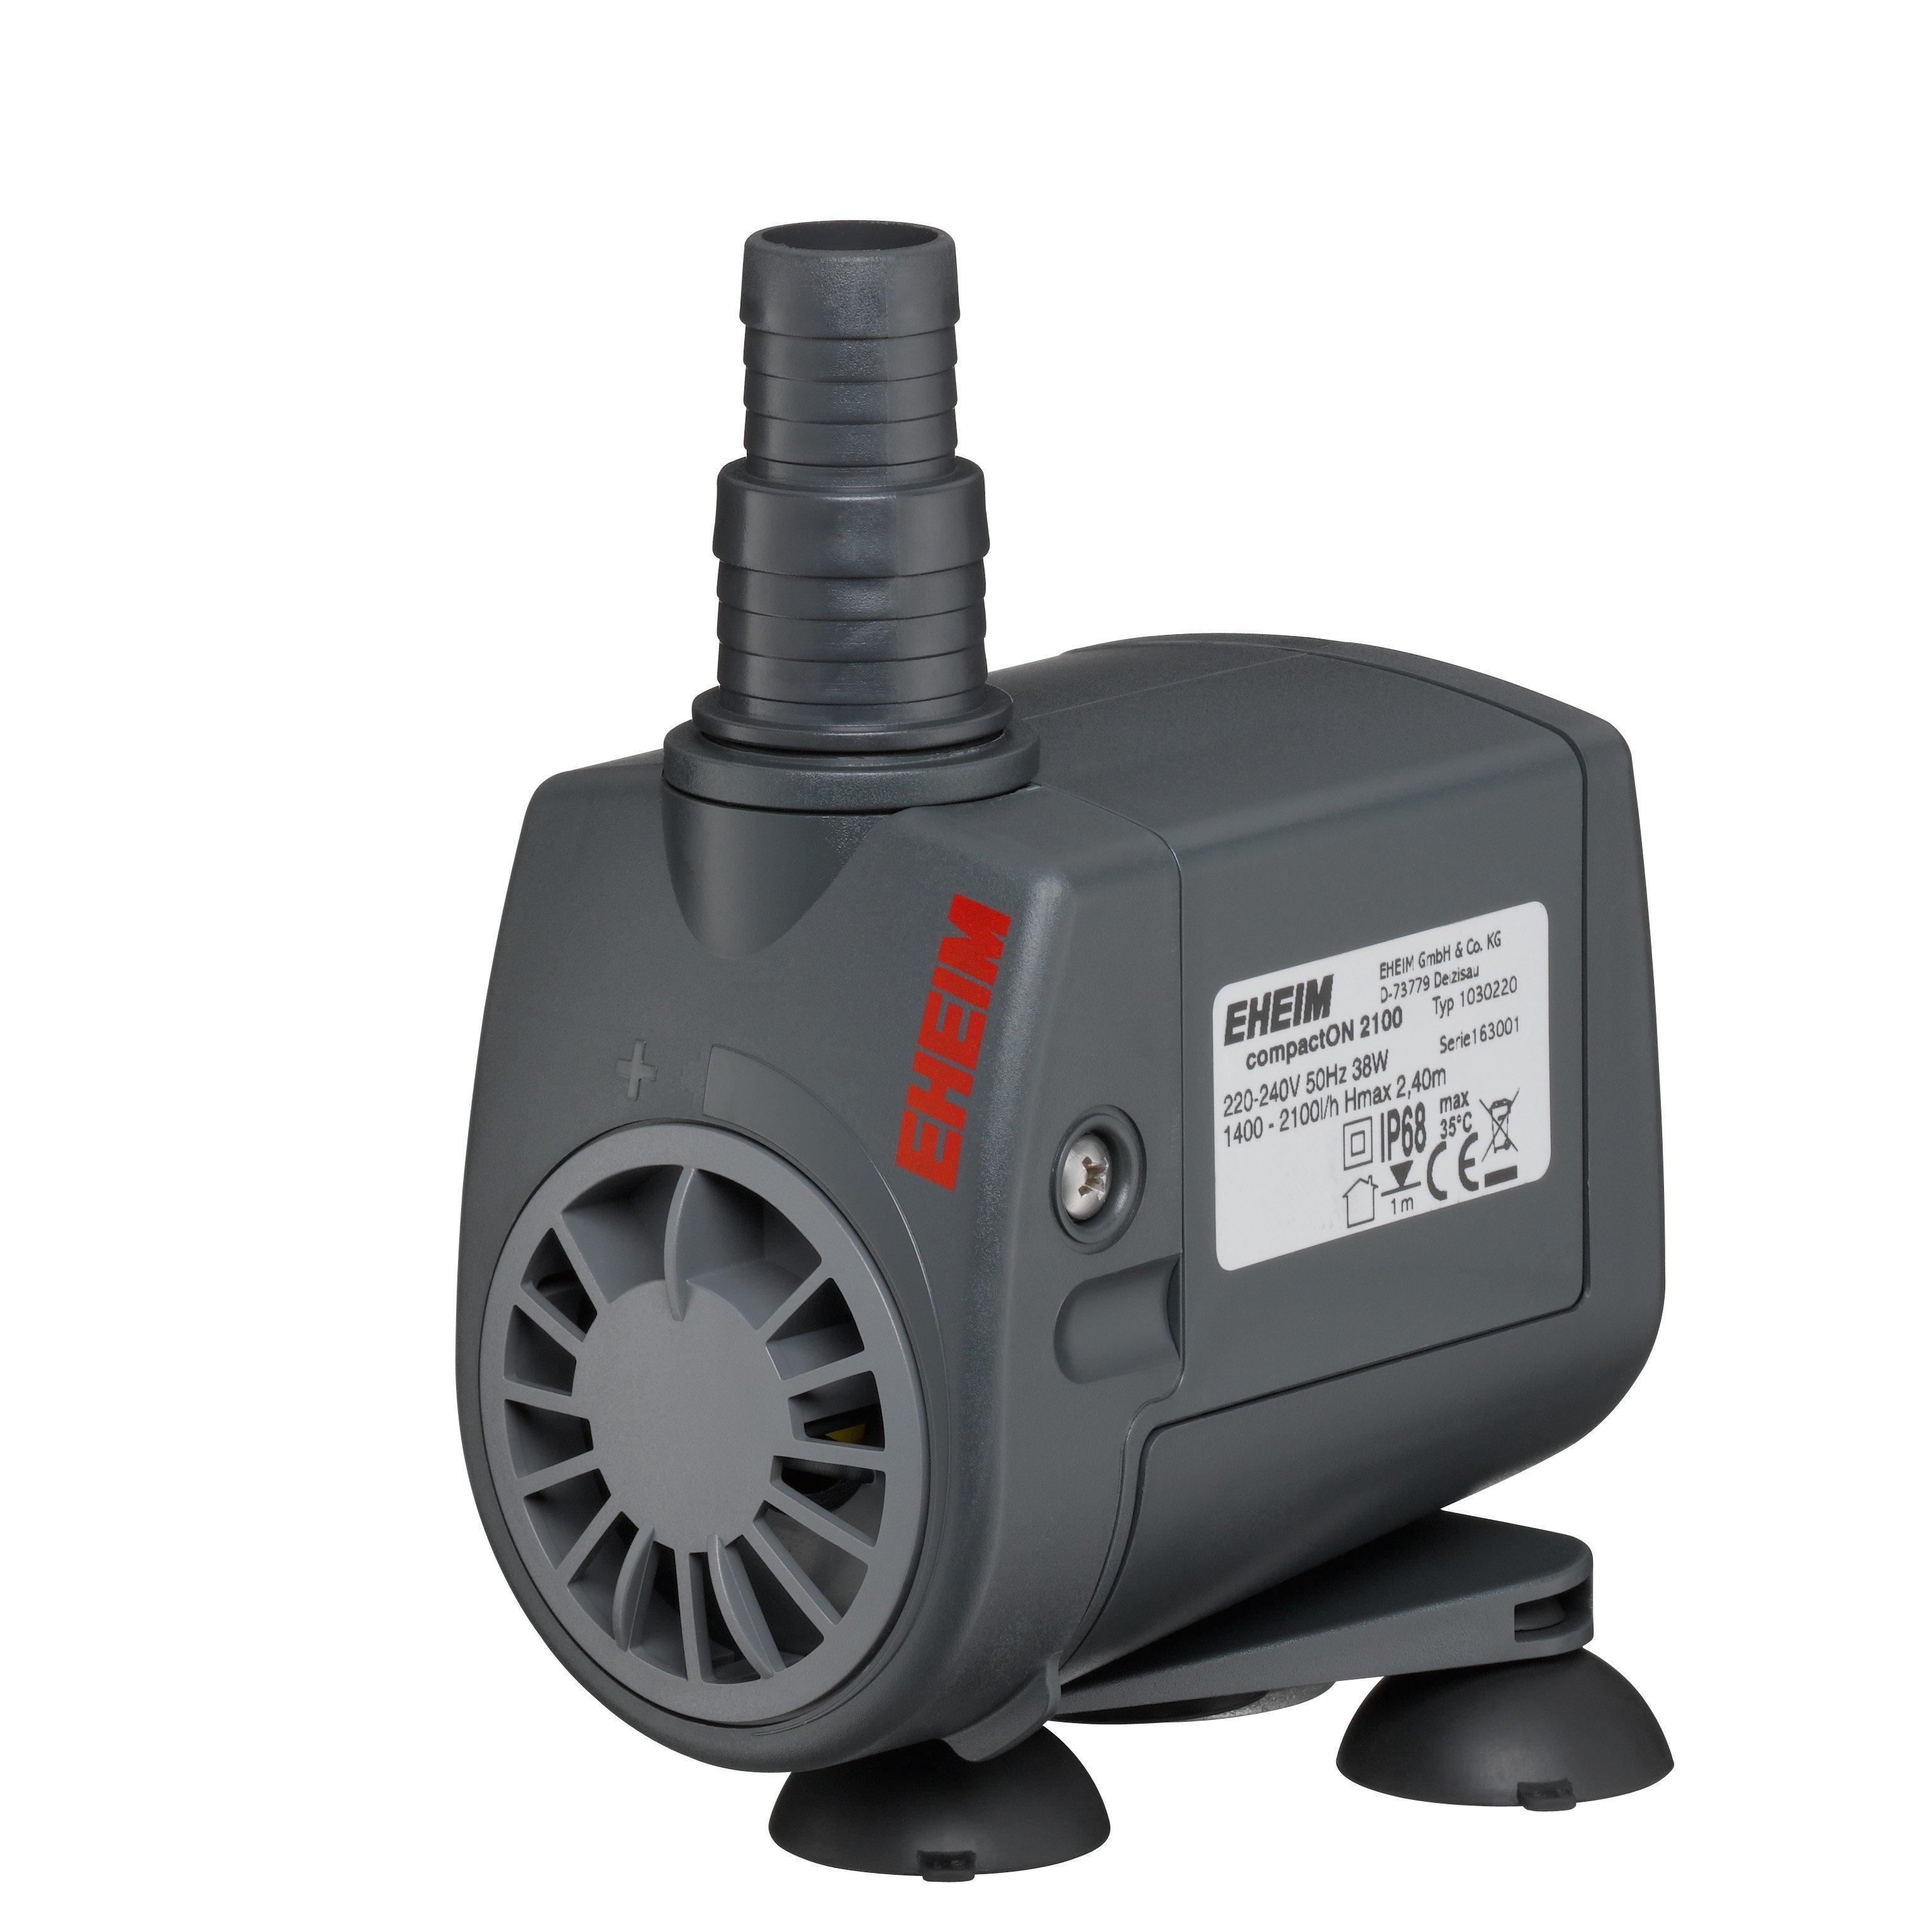 Eheim compactON Aquarium Pump - 3000